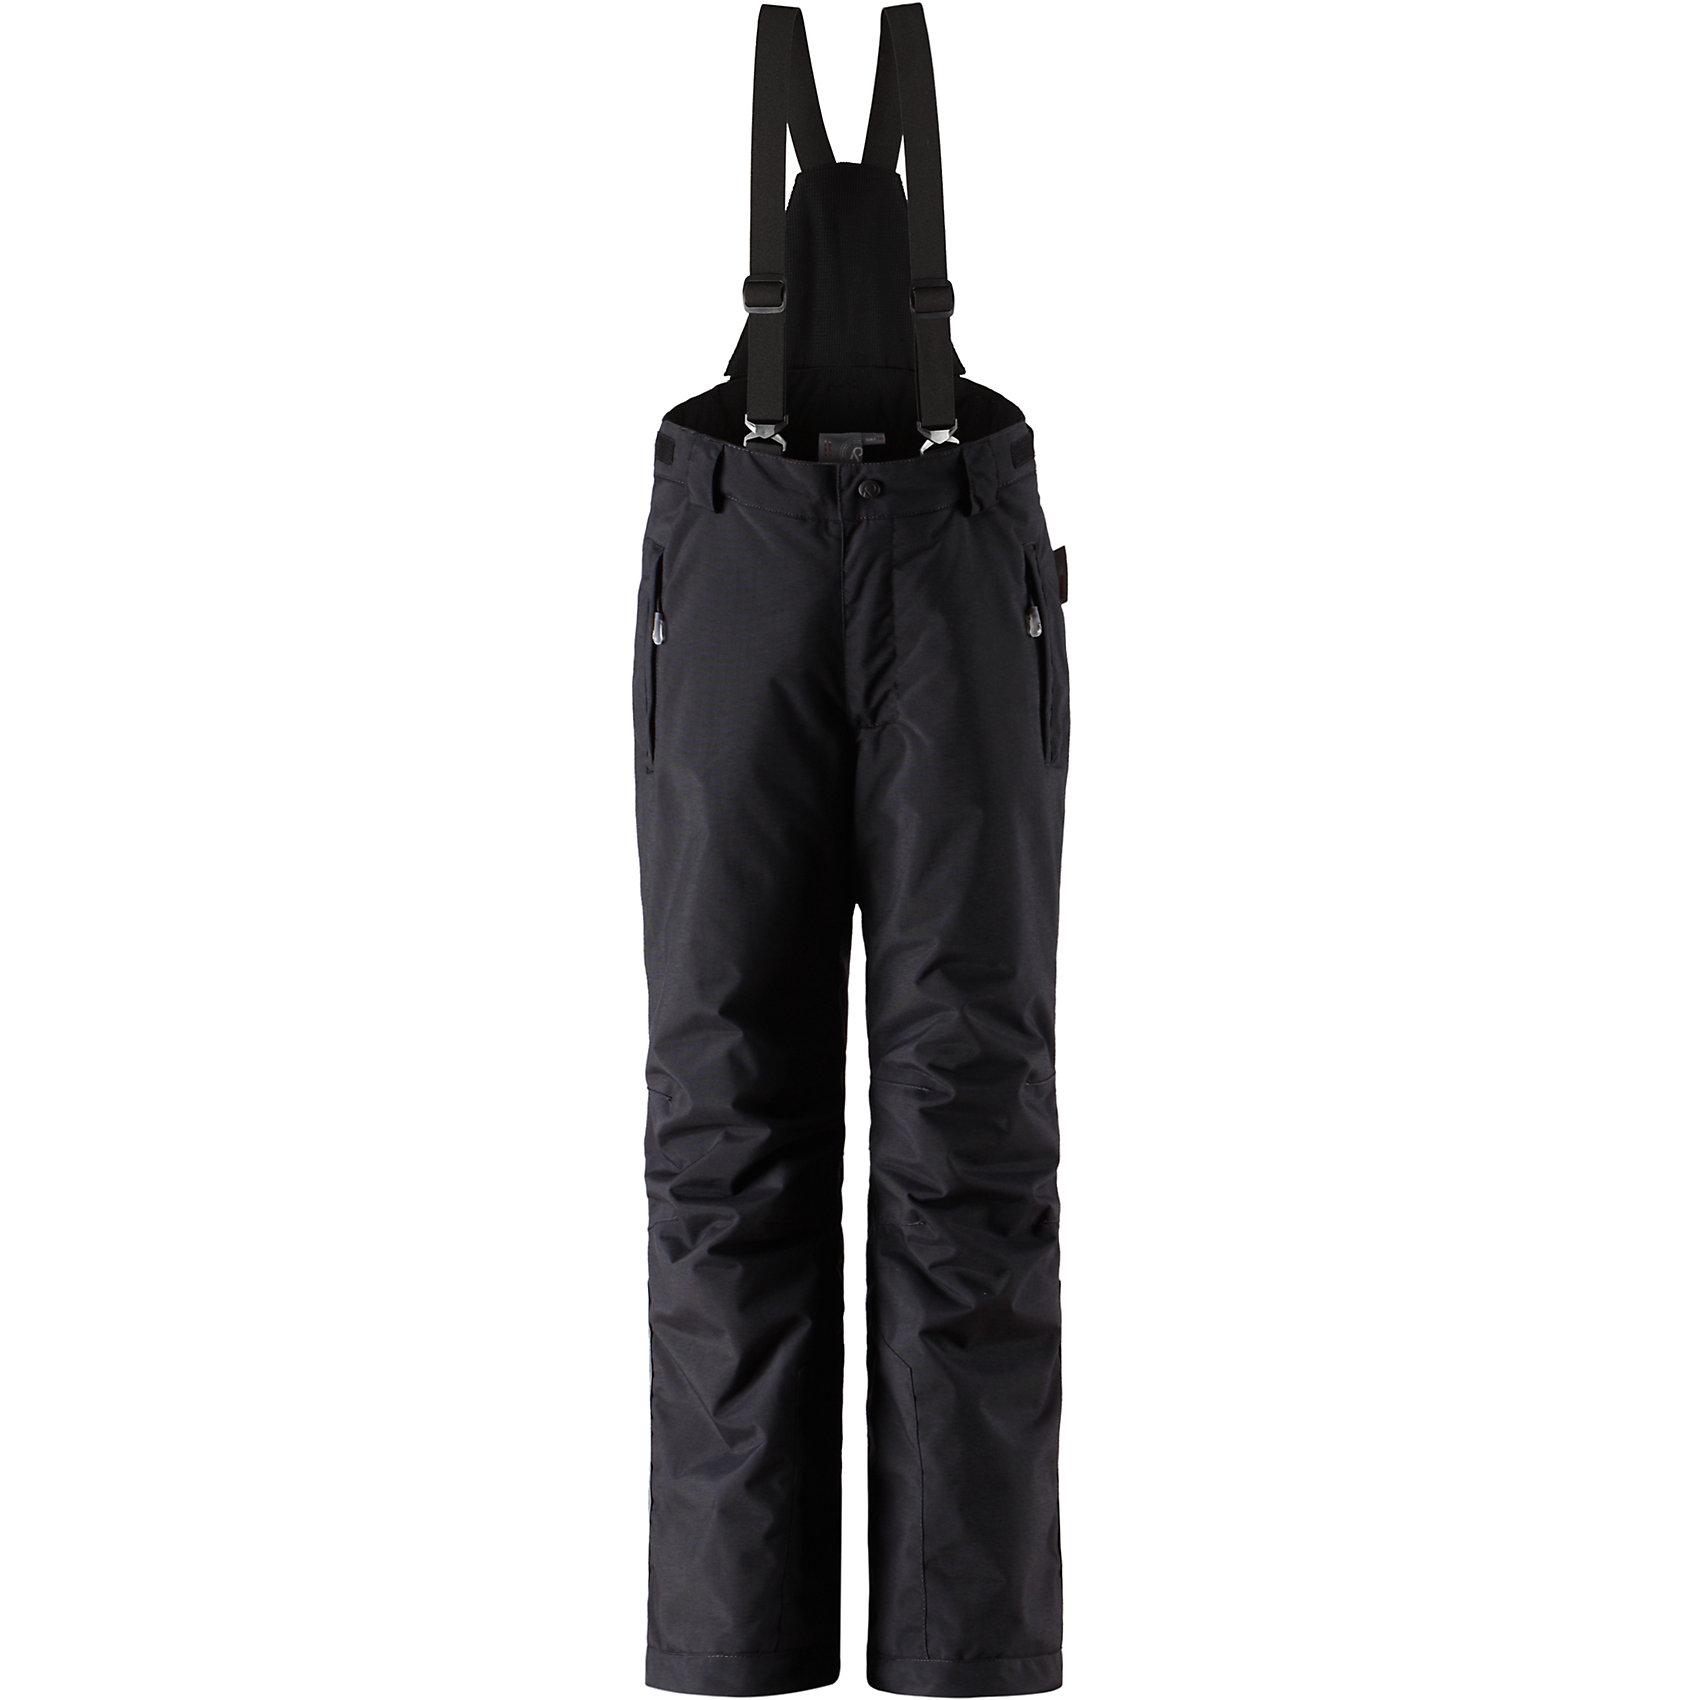 Брюки Reimatec ReimaПолностью водонепроницаемый материал и швы делают эти брюки прекрасным выбором для активного времяпровождения на воздухе. Съемные подтяжки и регулируемая талия добавляют комфорт, а Защита от снега в нижней части брючин не пропускает снег и влагу при любой погоде.<br><br>Дополнительная информация:<br><br>Водонепроницаемость: 15000<br>Легкая степень утепления (100 г)<br>Температурный режим: до -10<br>Все швы проклеены<br>Съемные подтяжки<br>Карманы на молнии<br>Регулируемая талия<br>Защита от снега в нижней части брючин<br><br>Брюки Reimatec (Рейматек) Reima (Рейма) можно купить в нашем магазине.<br><br>Ширина мм: 215<br>Глубина мм: 88<br>Высота мм: 191<br>Вес г: 336<br>Цвет: черный<br>Возраст от месяцев: 96<br>Возраст до месяцев: 108<br>Пол: Унисекс<br>Возраст: Детский<br>Размер: 134,164,158,140,146,152<br>SKU: 4566189